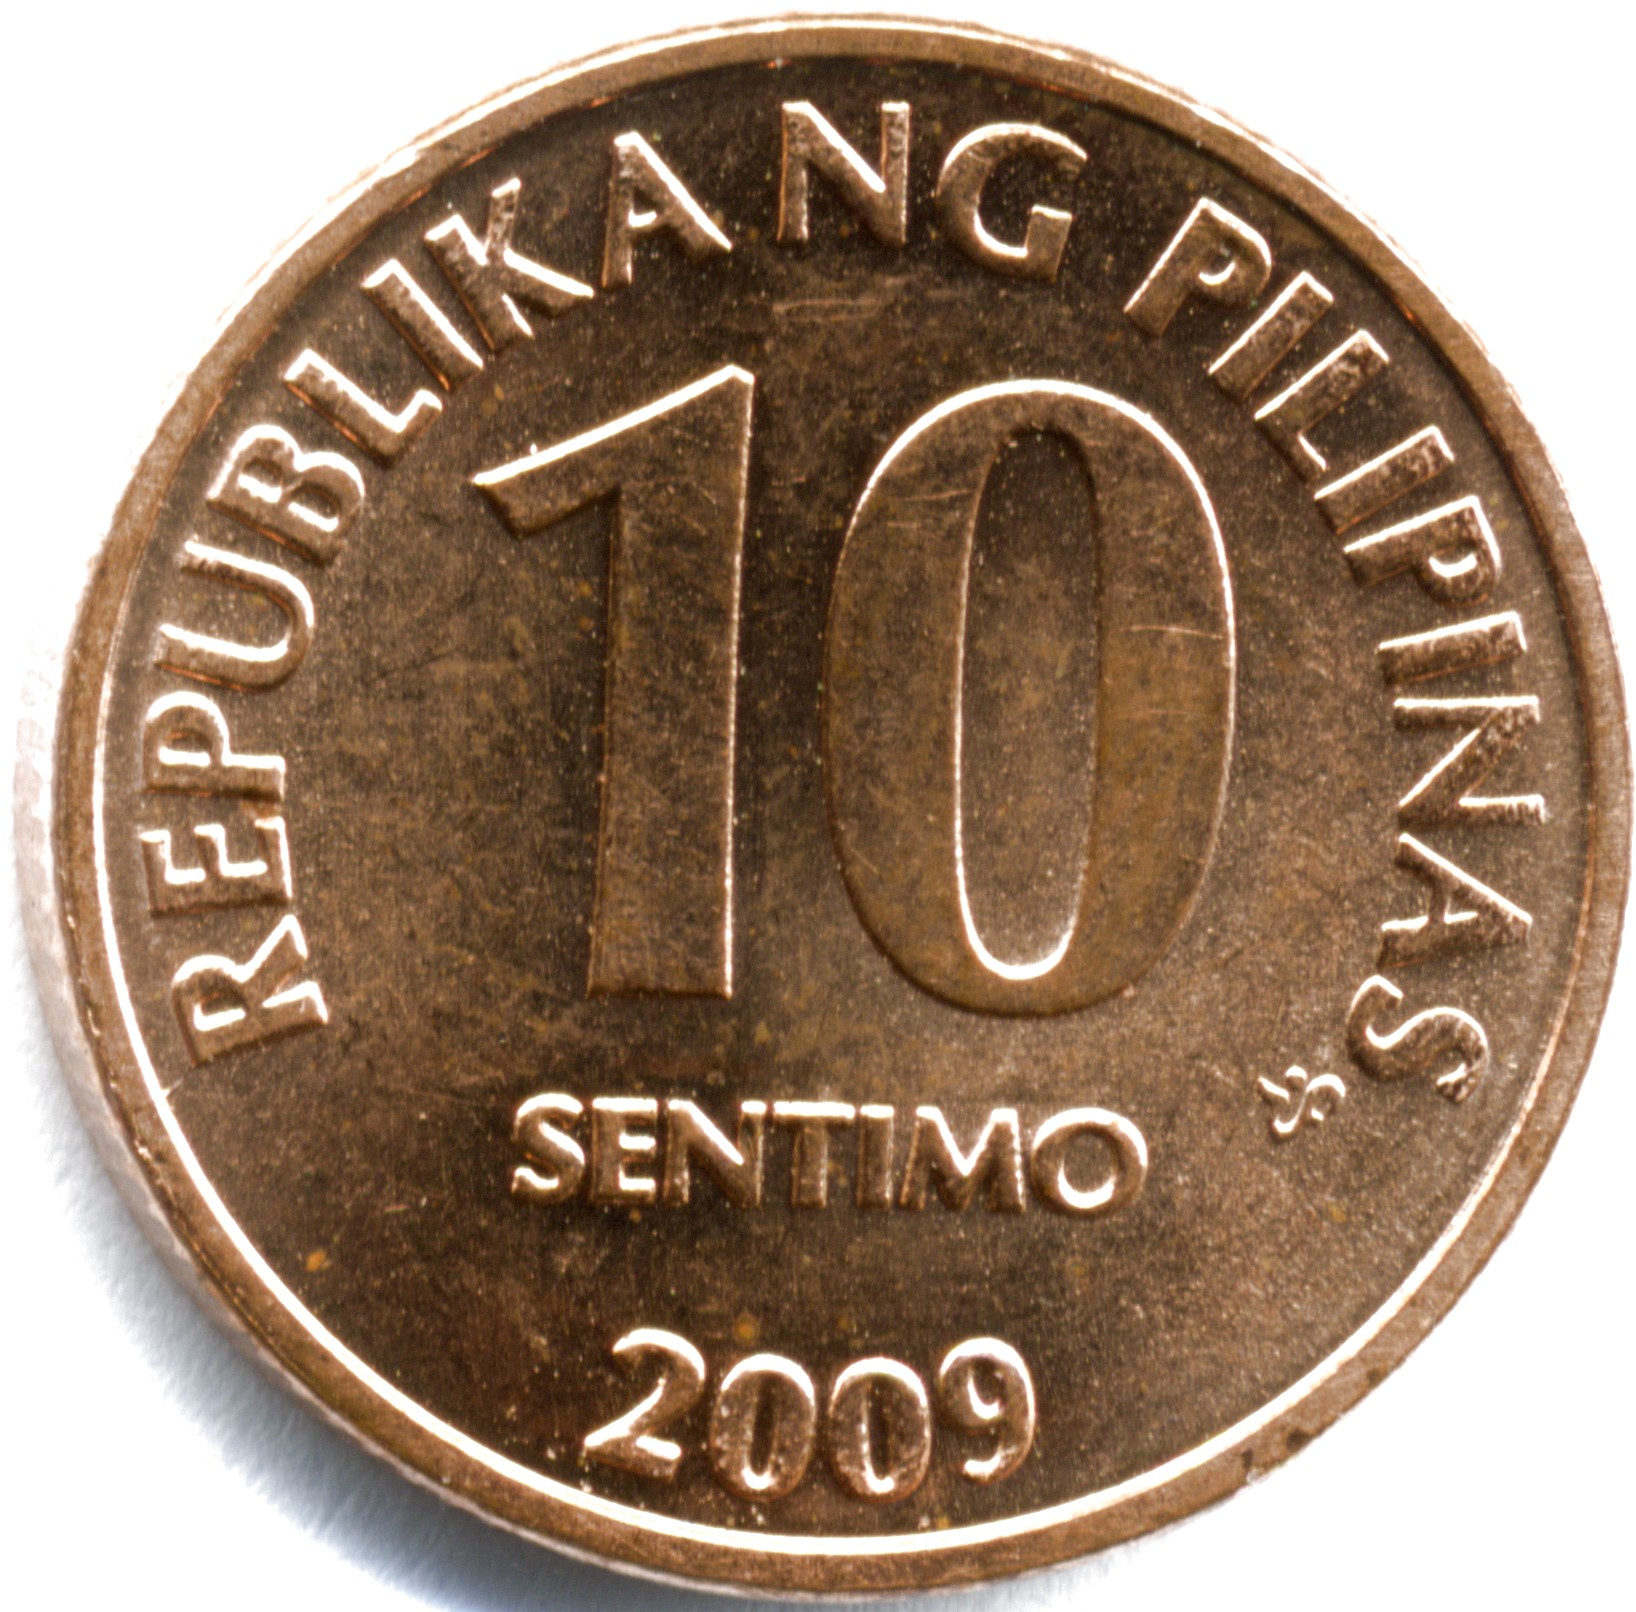 Philippine Ten Centavo Coin